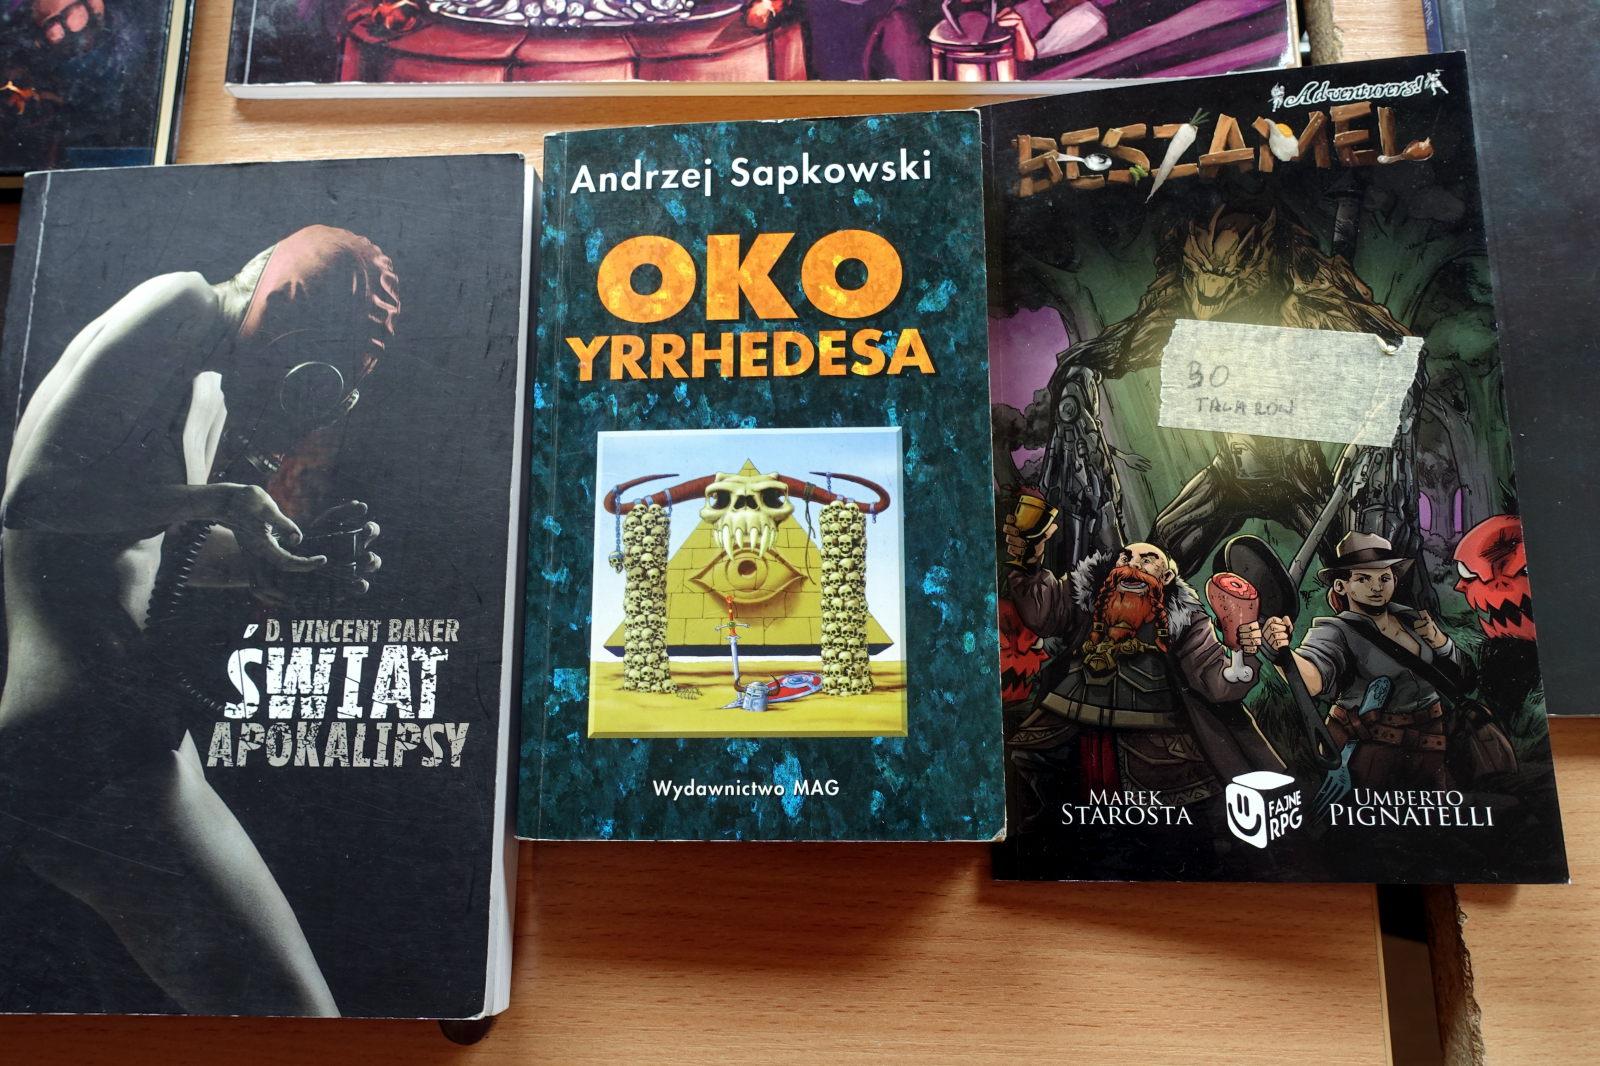 Picture shows three RPG books Świat Apokalipsy (Apocalypse word), Oko Yrrhedesa by Andrzej Sapkowski (Yrrhedes' Eye) and Beszamel (Béchamel).